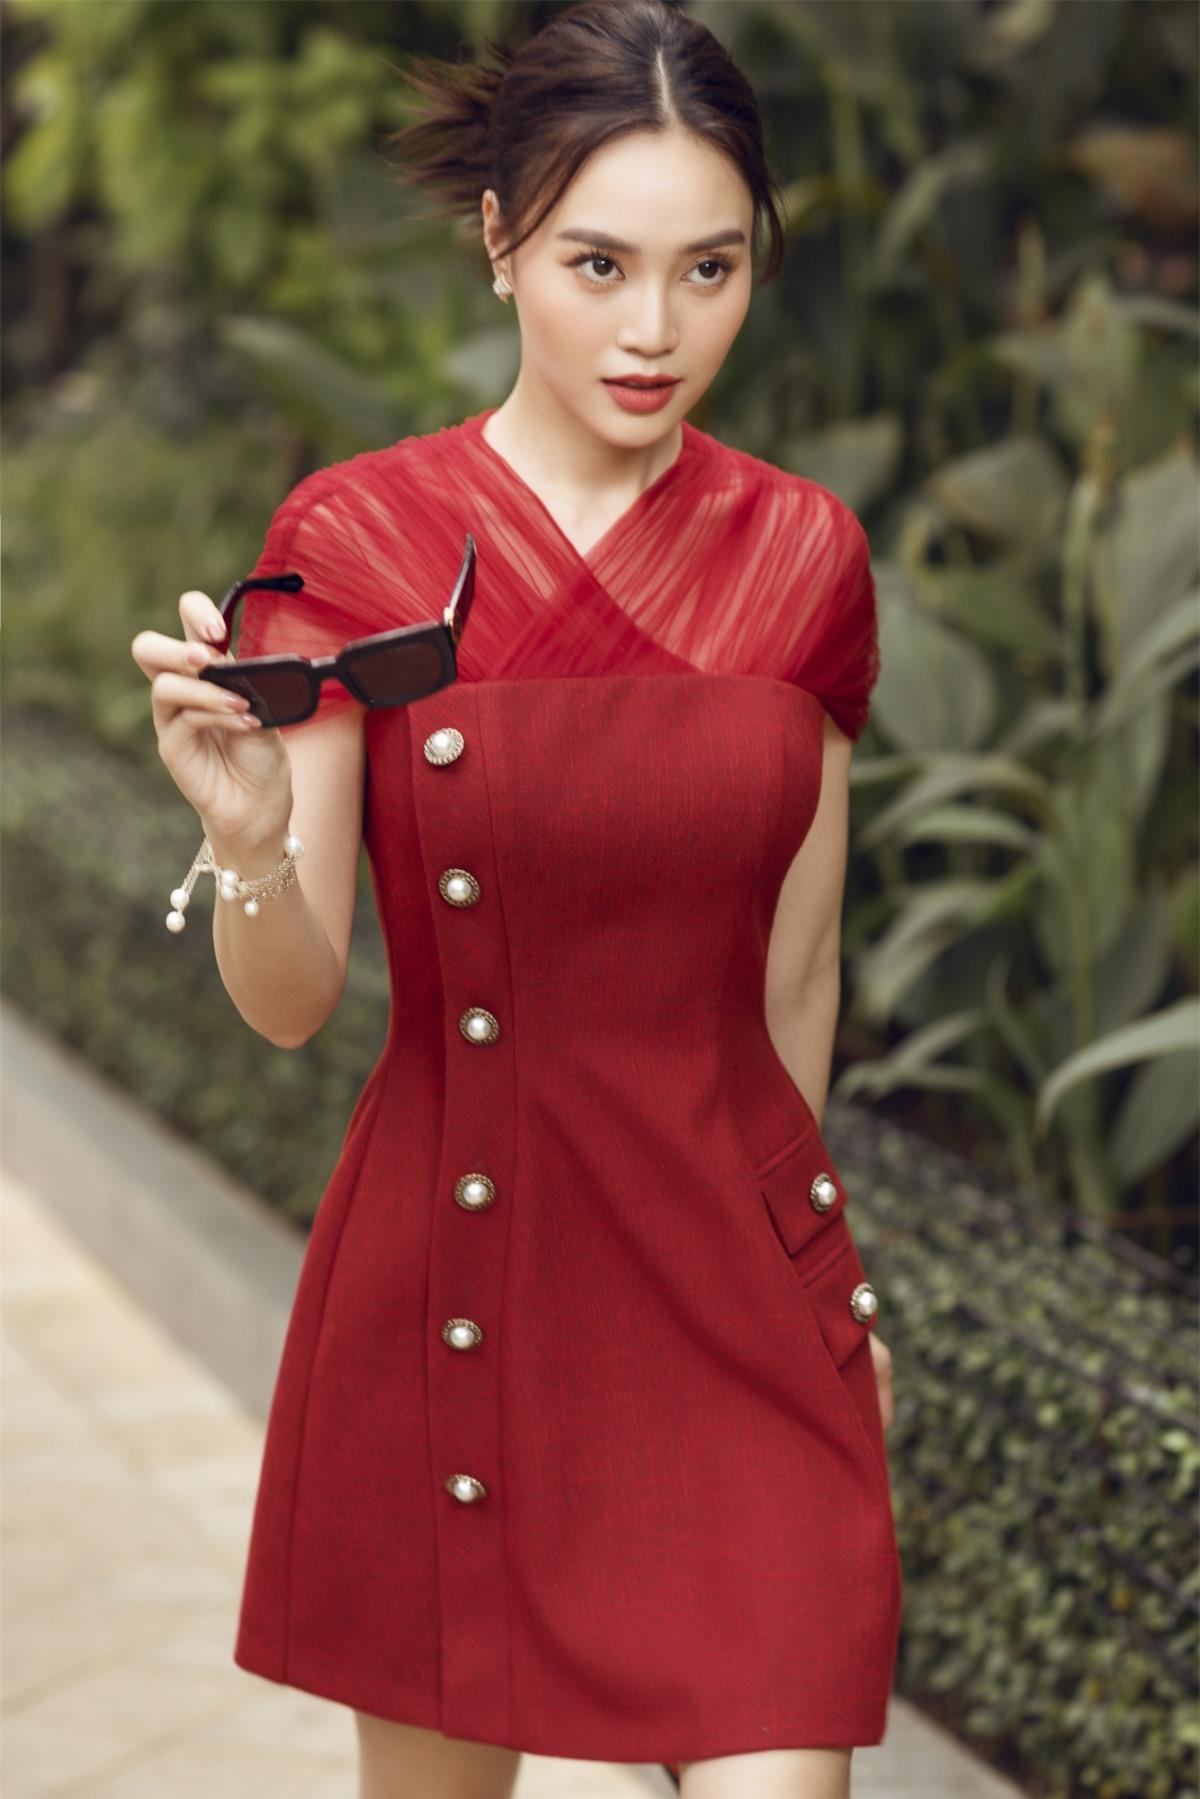 Những thiết kế của NTK Lê Thanh Hoà thật sự hoà hợp và giúp cho nữ diễn viên tôn lên diện mạo tươi trẻ, rạng rỡ.